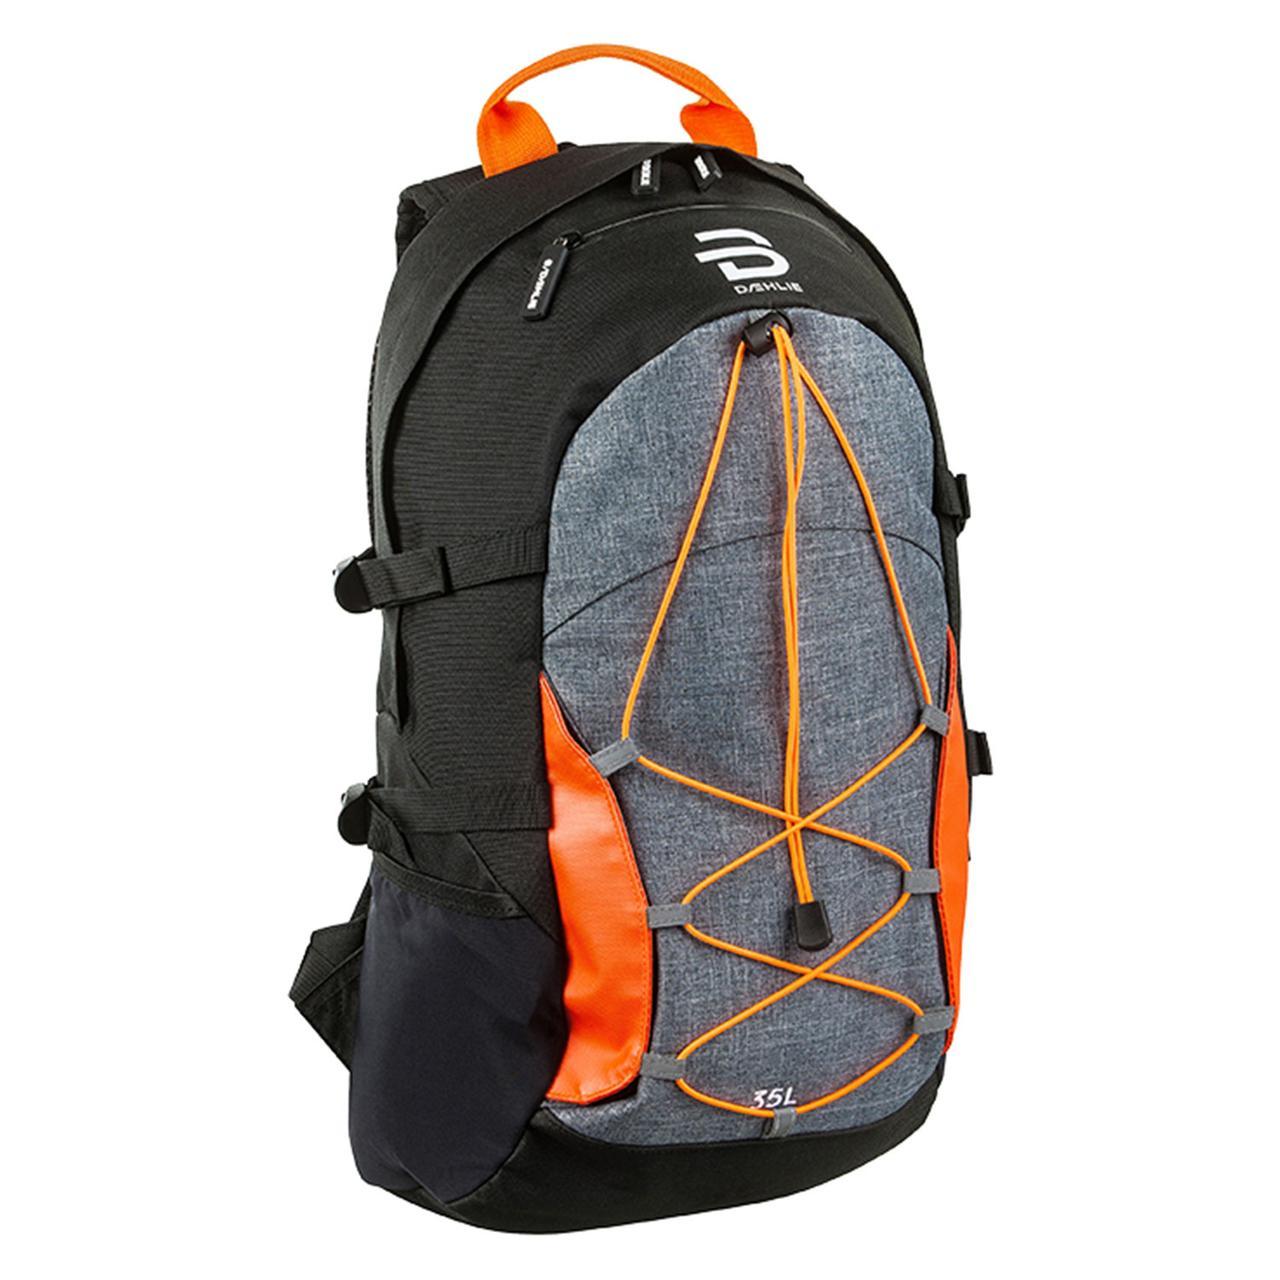 Рюкзак Bjorn Daehlie Backpack 35L 332300 99900